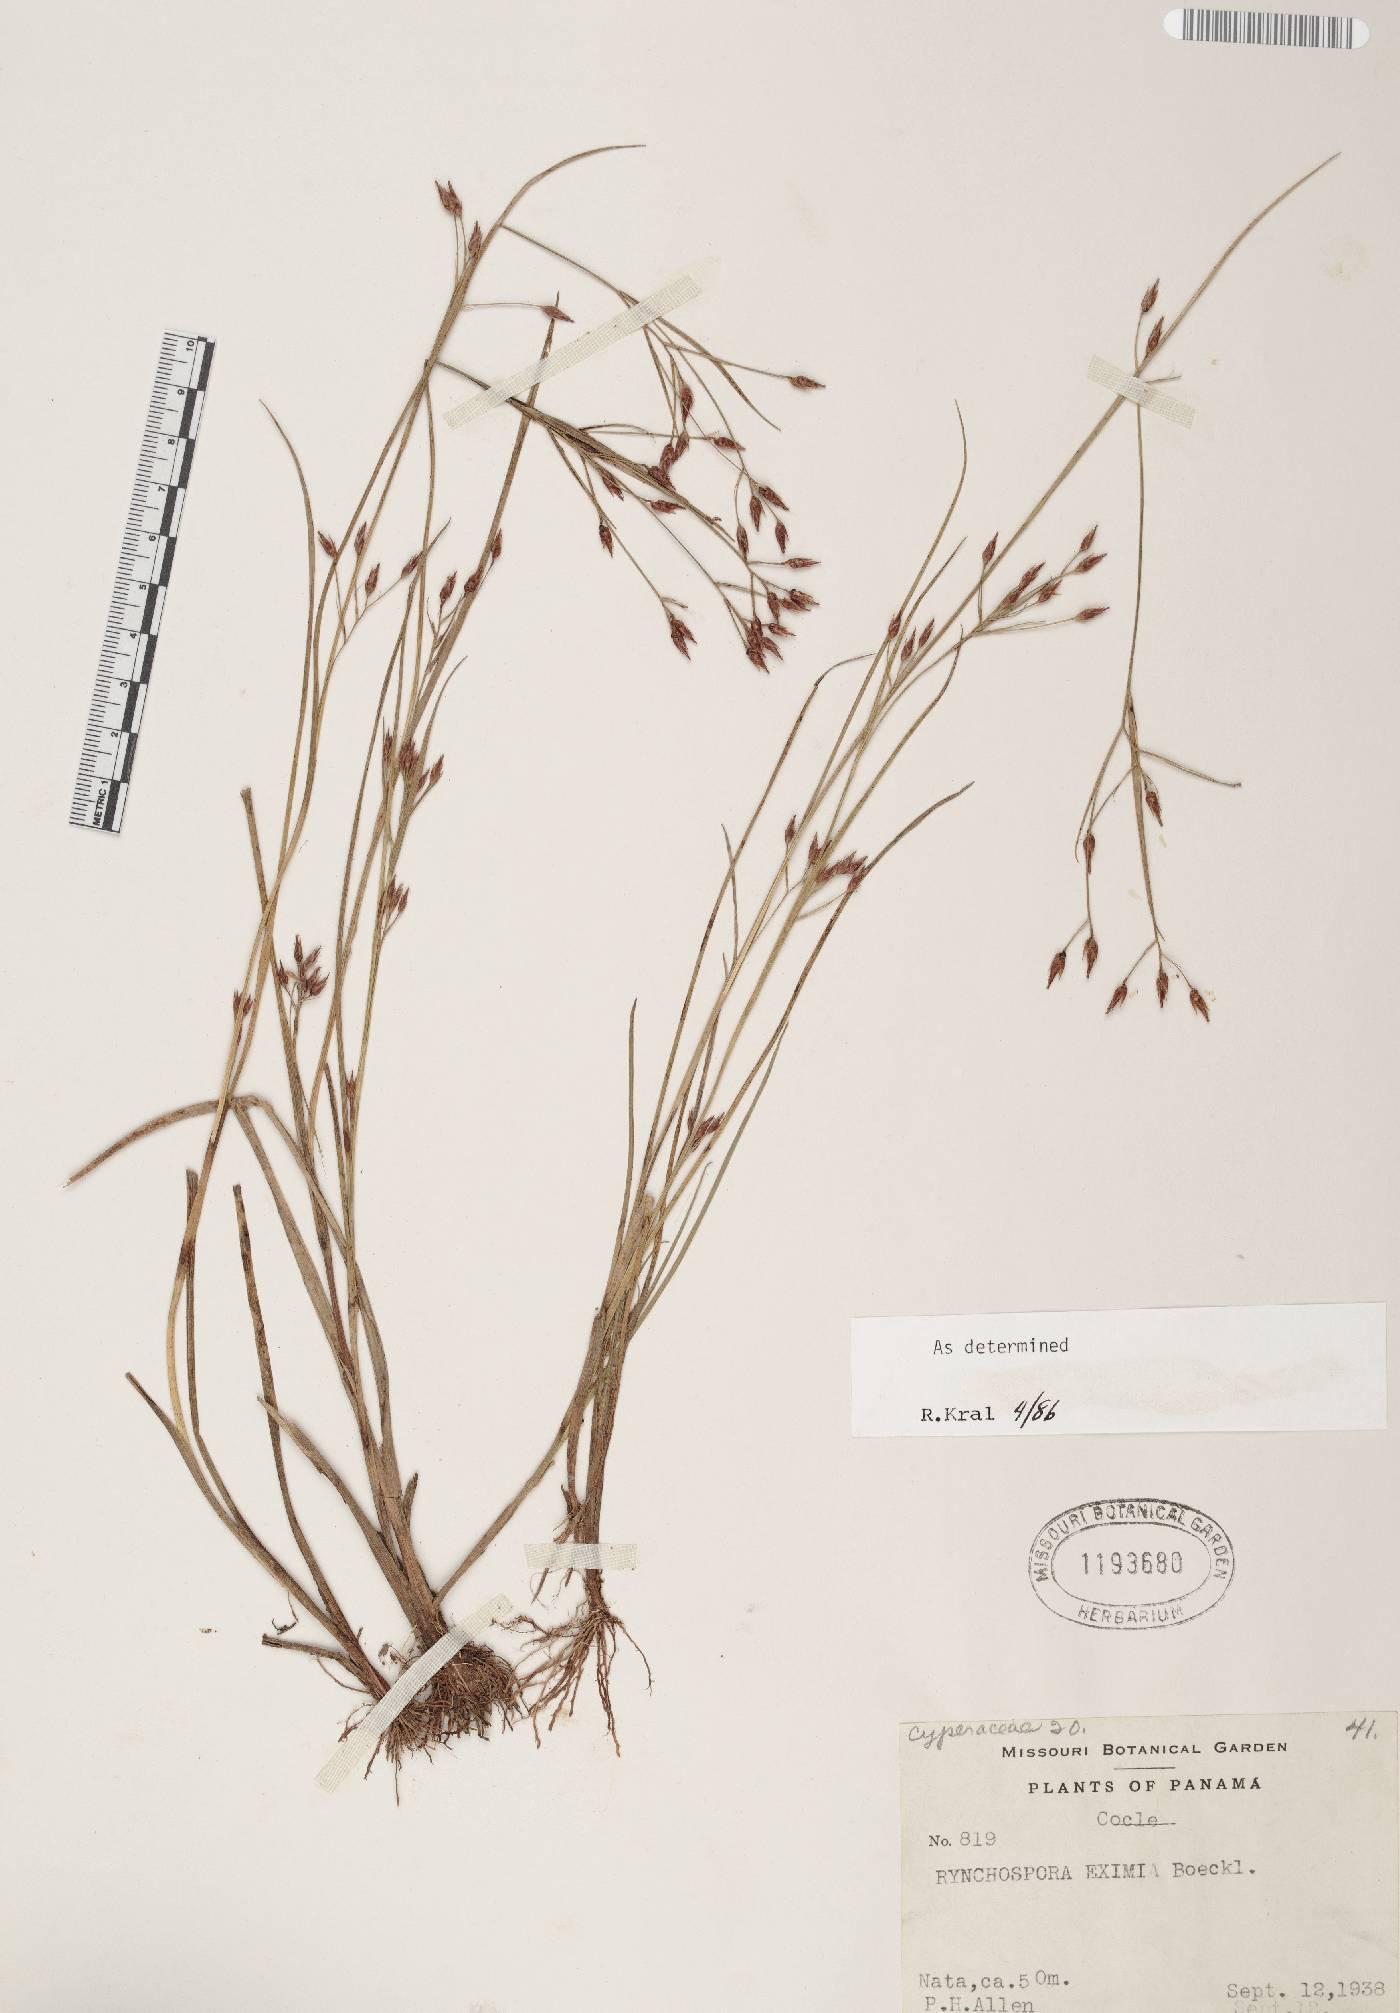 Rhynchospora eximia image